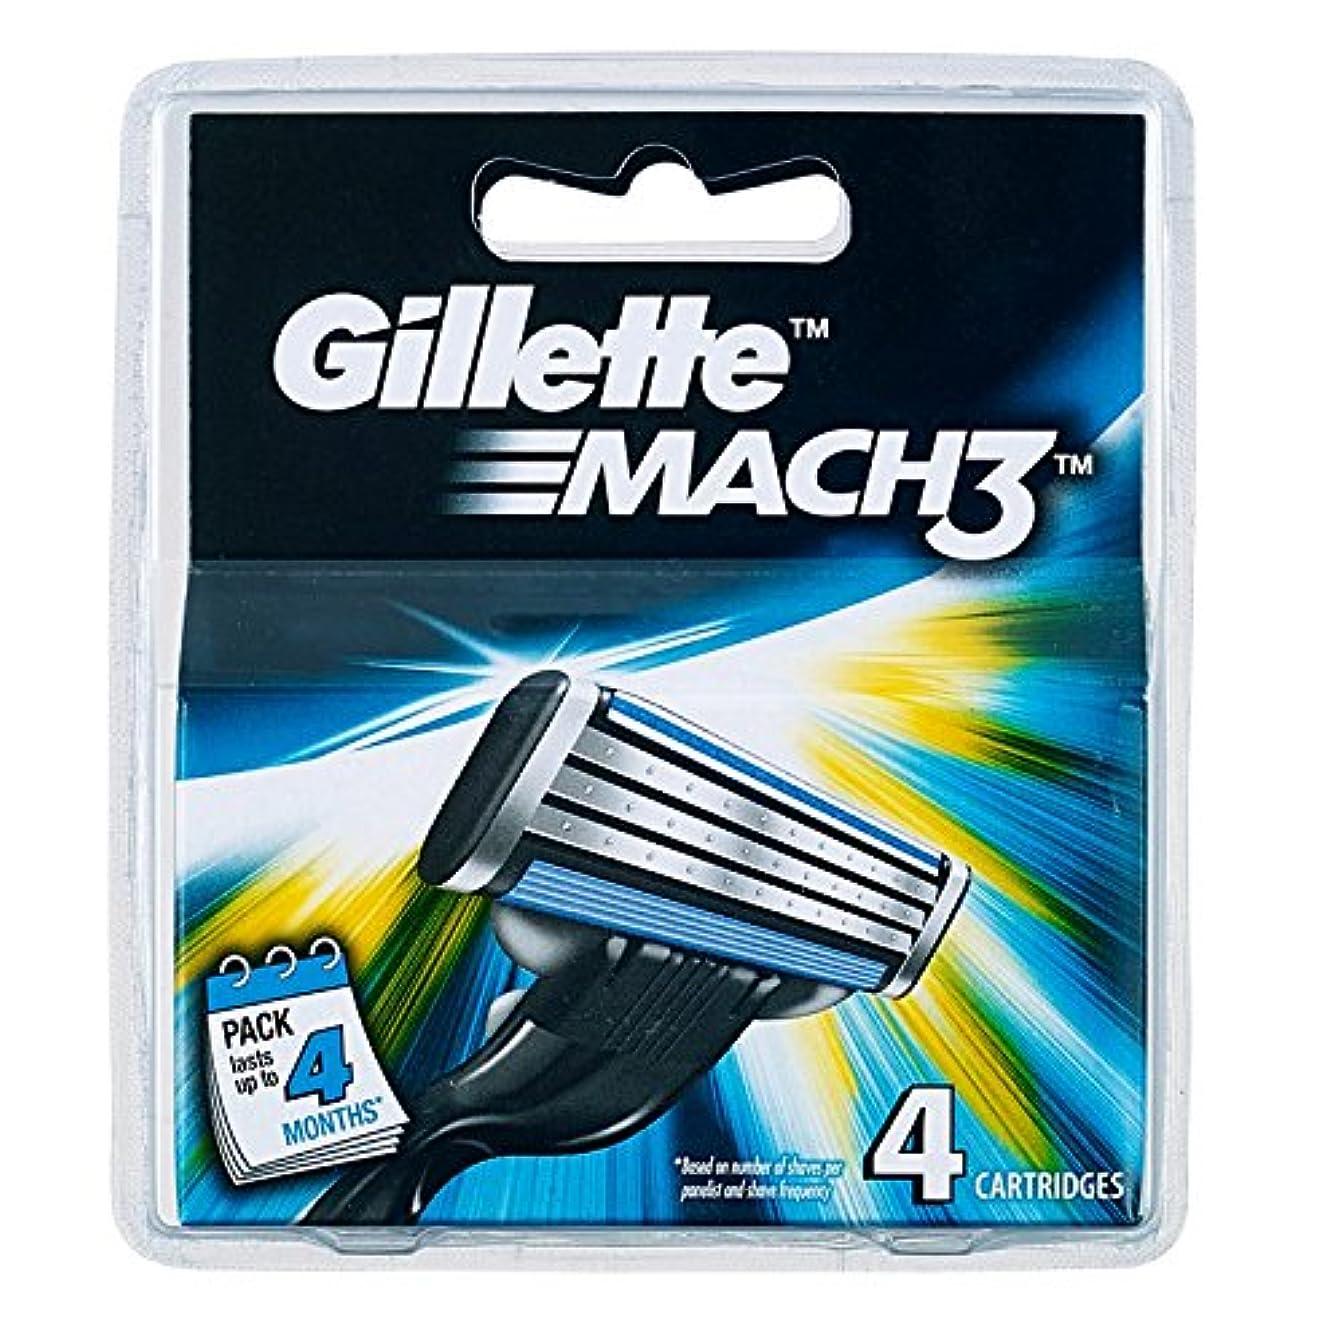 サバント旅真鍮Gillette MACH3 SHAVING RAZOR CARTRIDGES BLADES 4 Pack [並行輸入品]